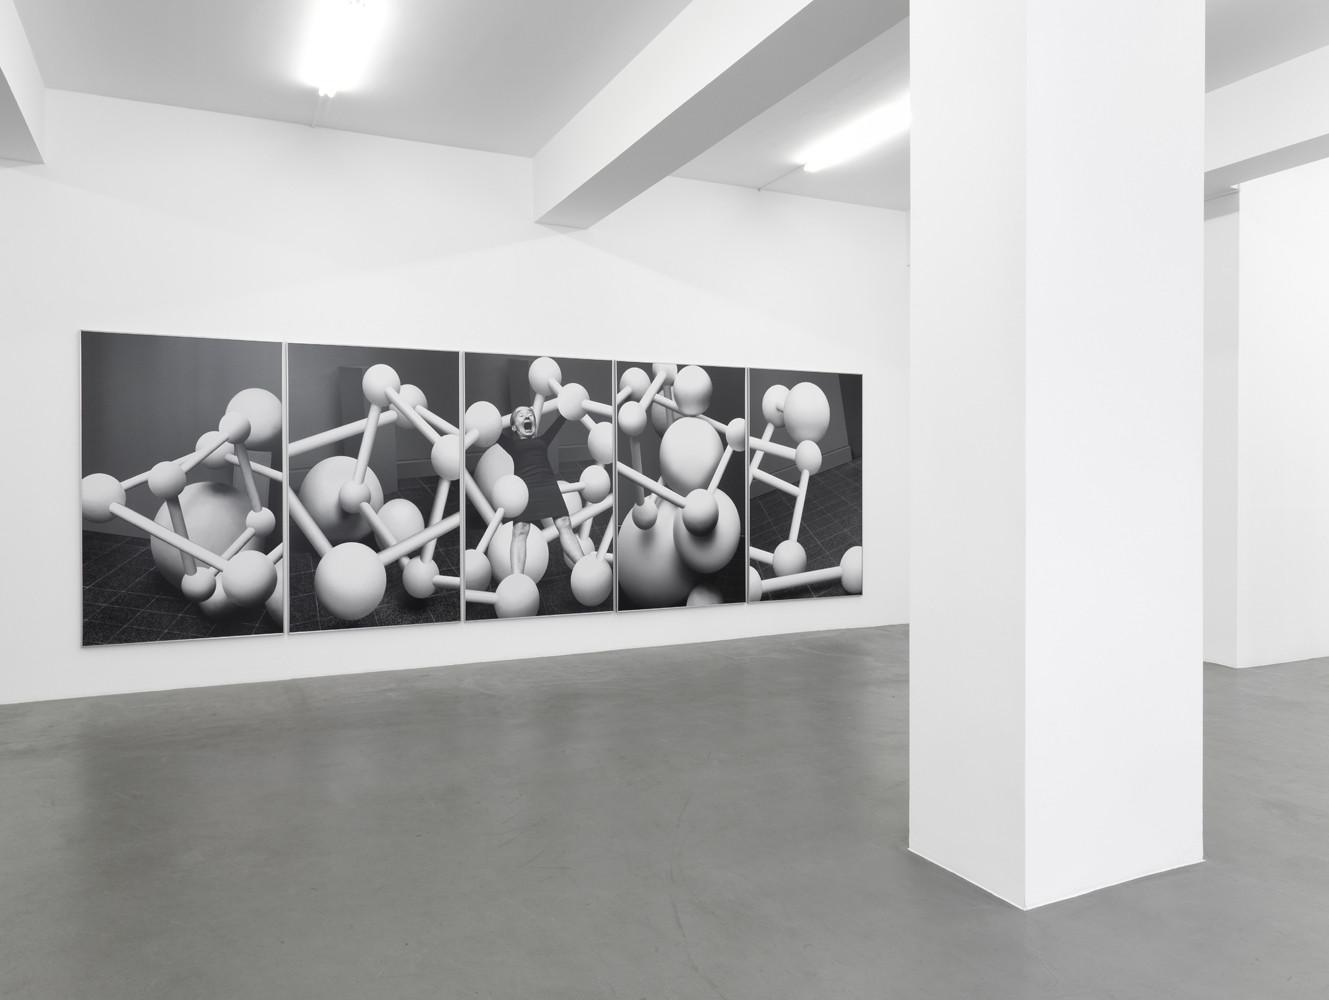 Anna & Bernhard Blume, 'Aktionsmetaphern', Installation view, Buchmann Galerie, 2011